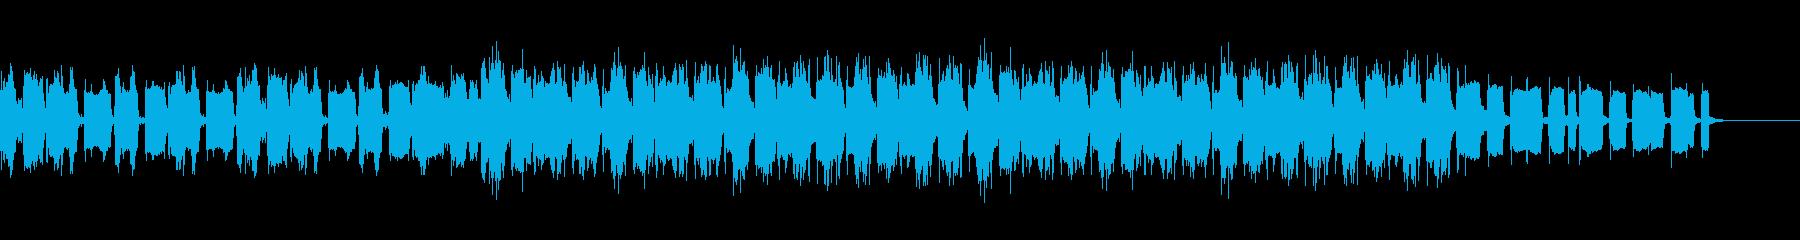 コーポレートテクスチャ―12の再生済みの波形